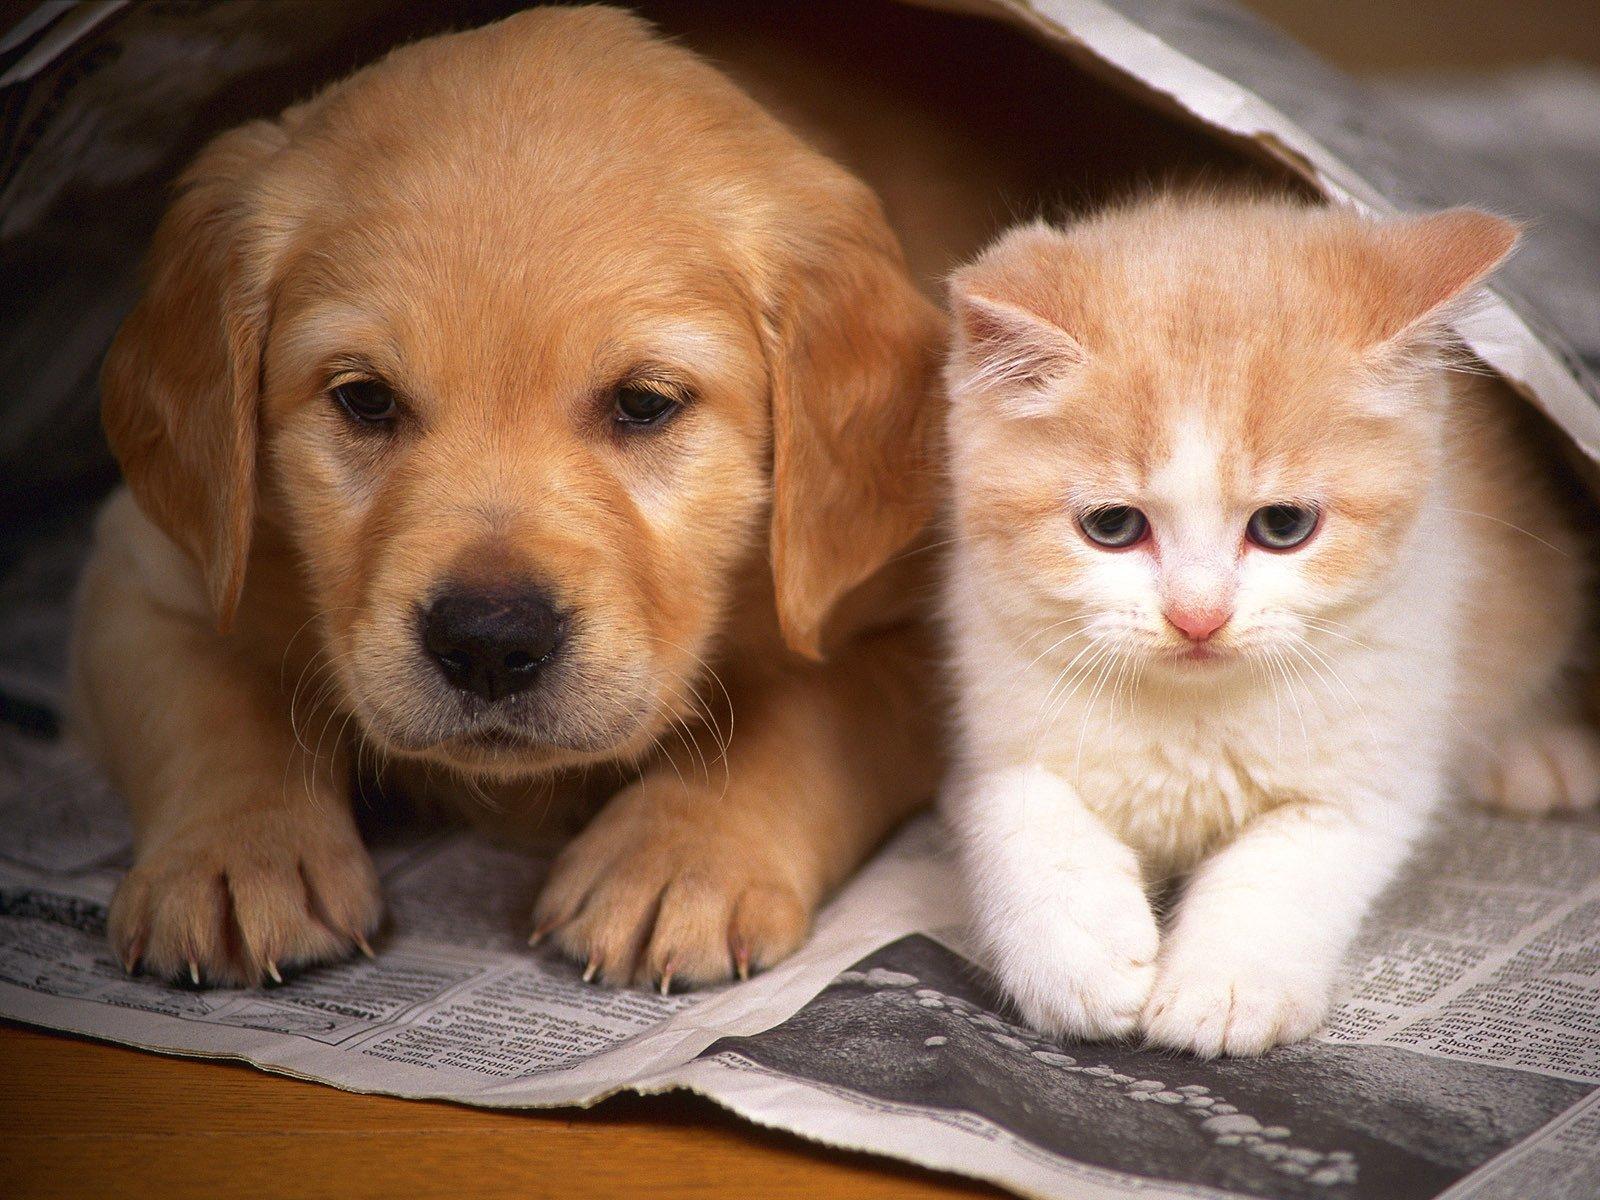 этикетки картинки домашних животных красивые двух маленьких гиперактивных